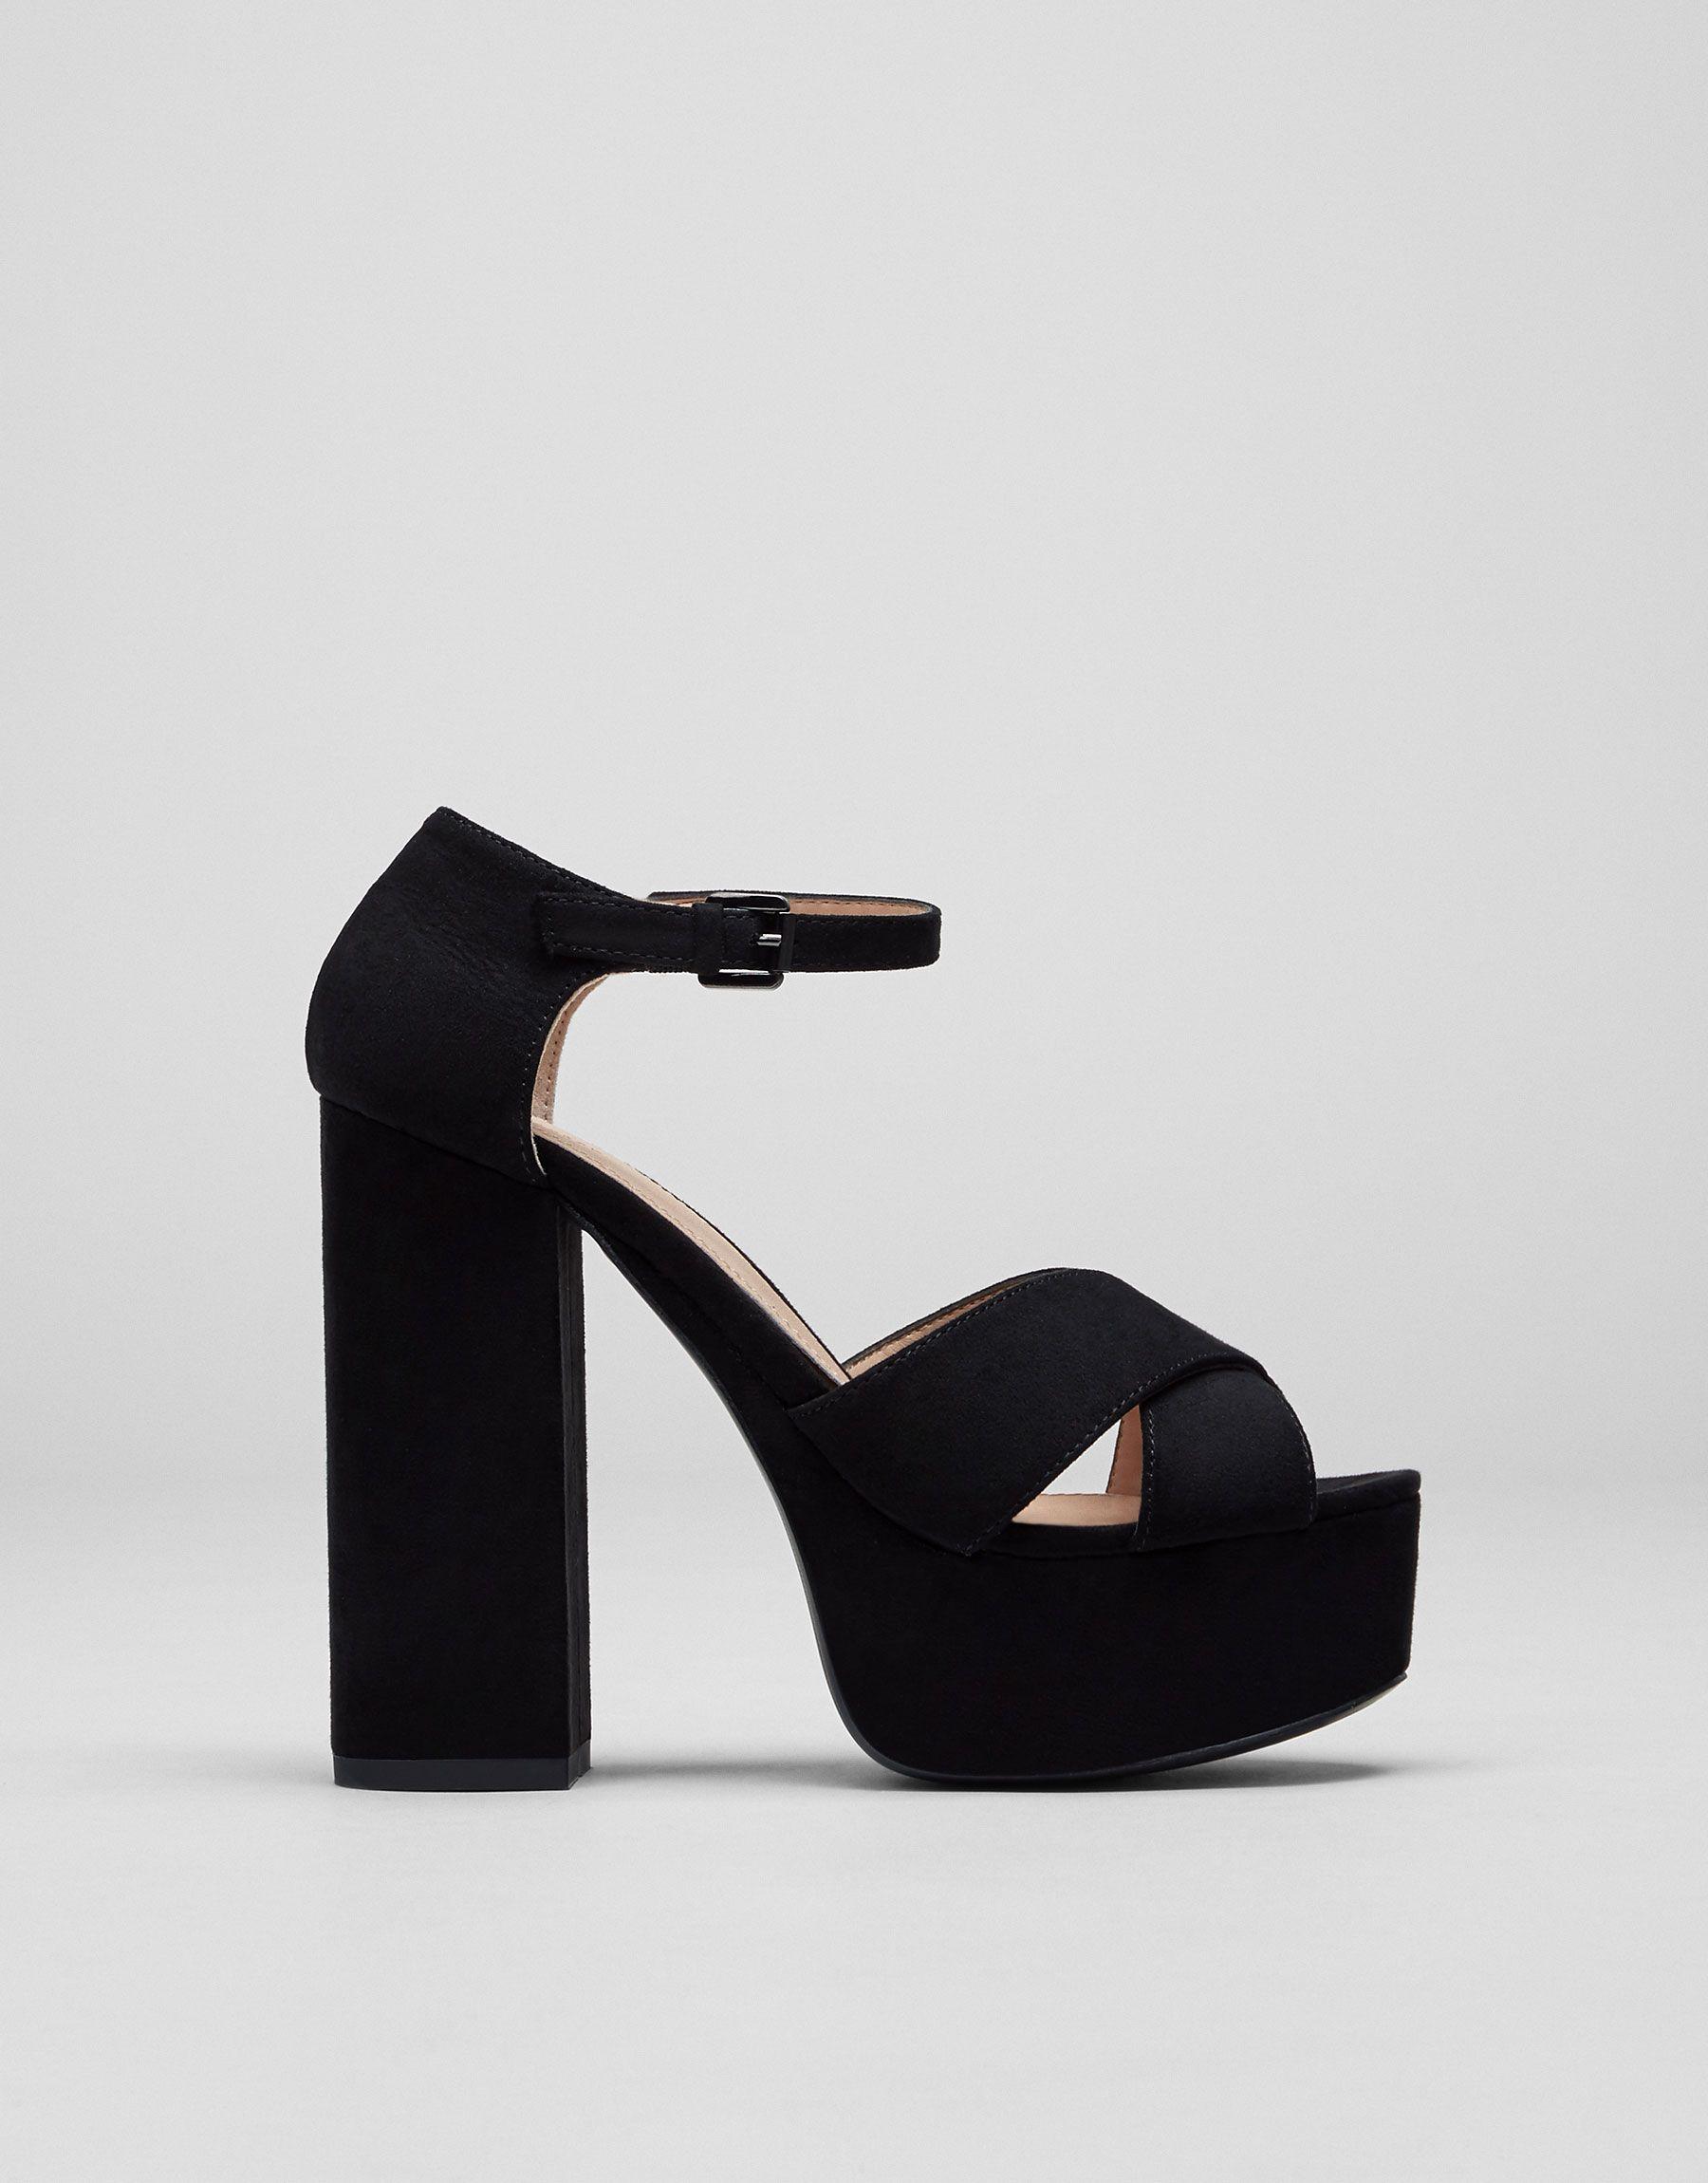 Sandale à talon soirée - Sandales à talon et semelle compensée - Chaussures  - Femme -